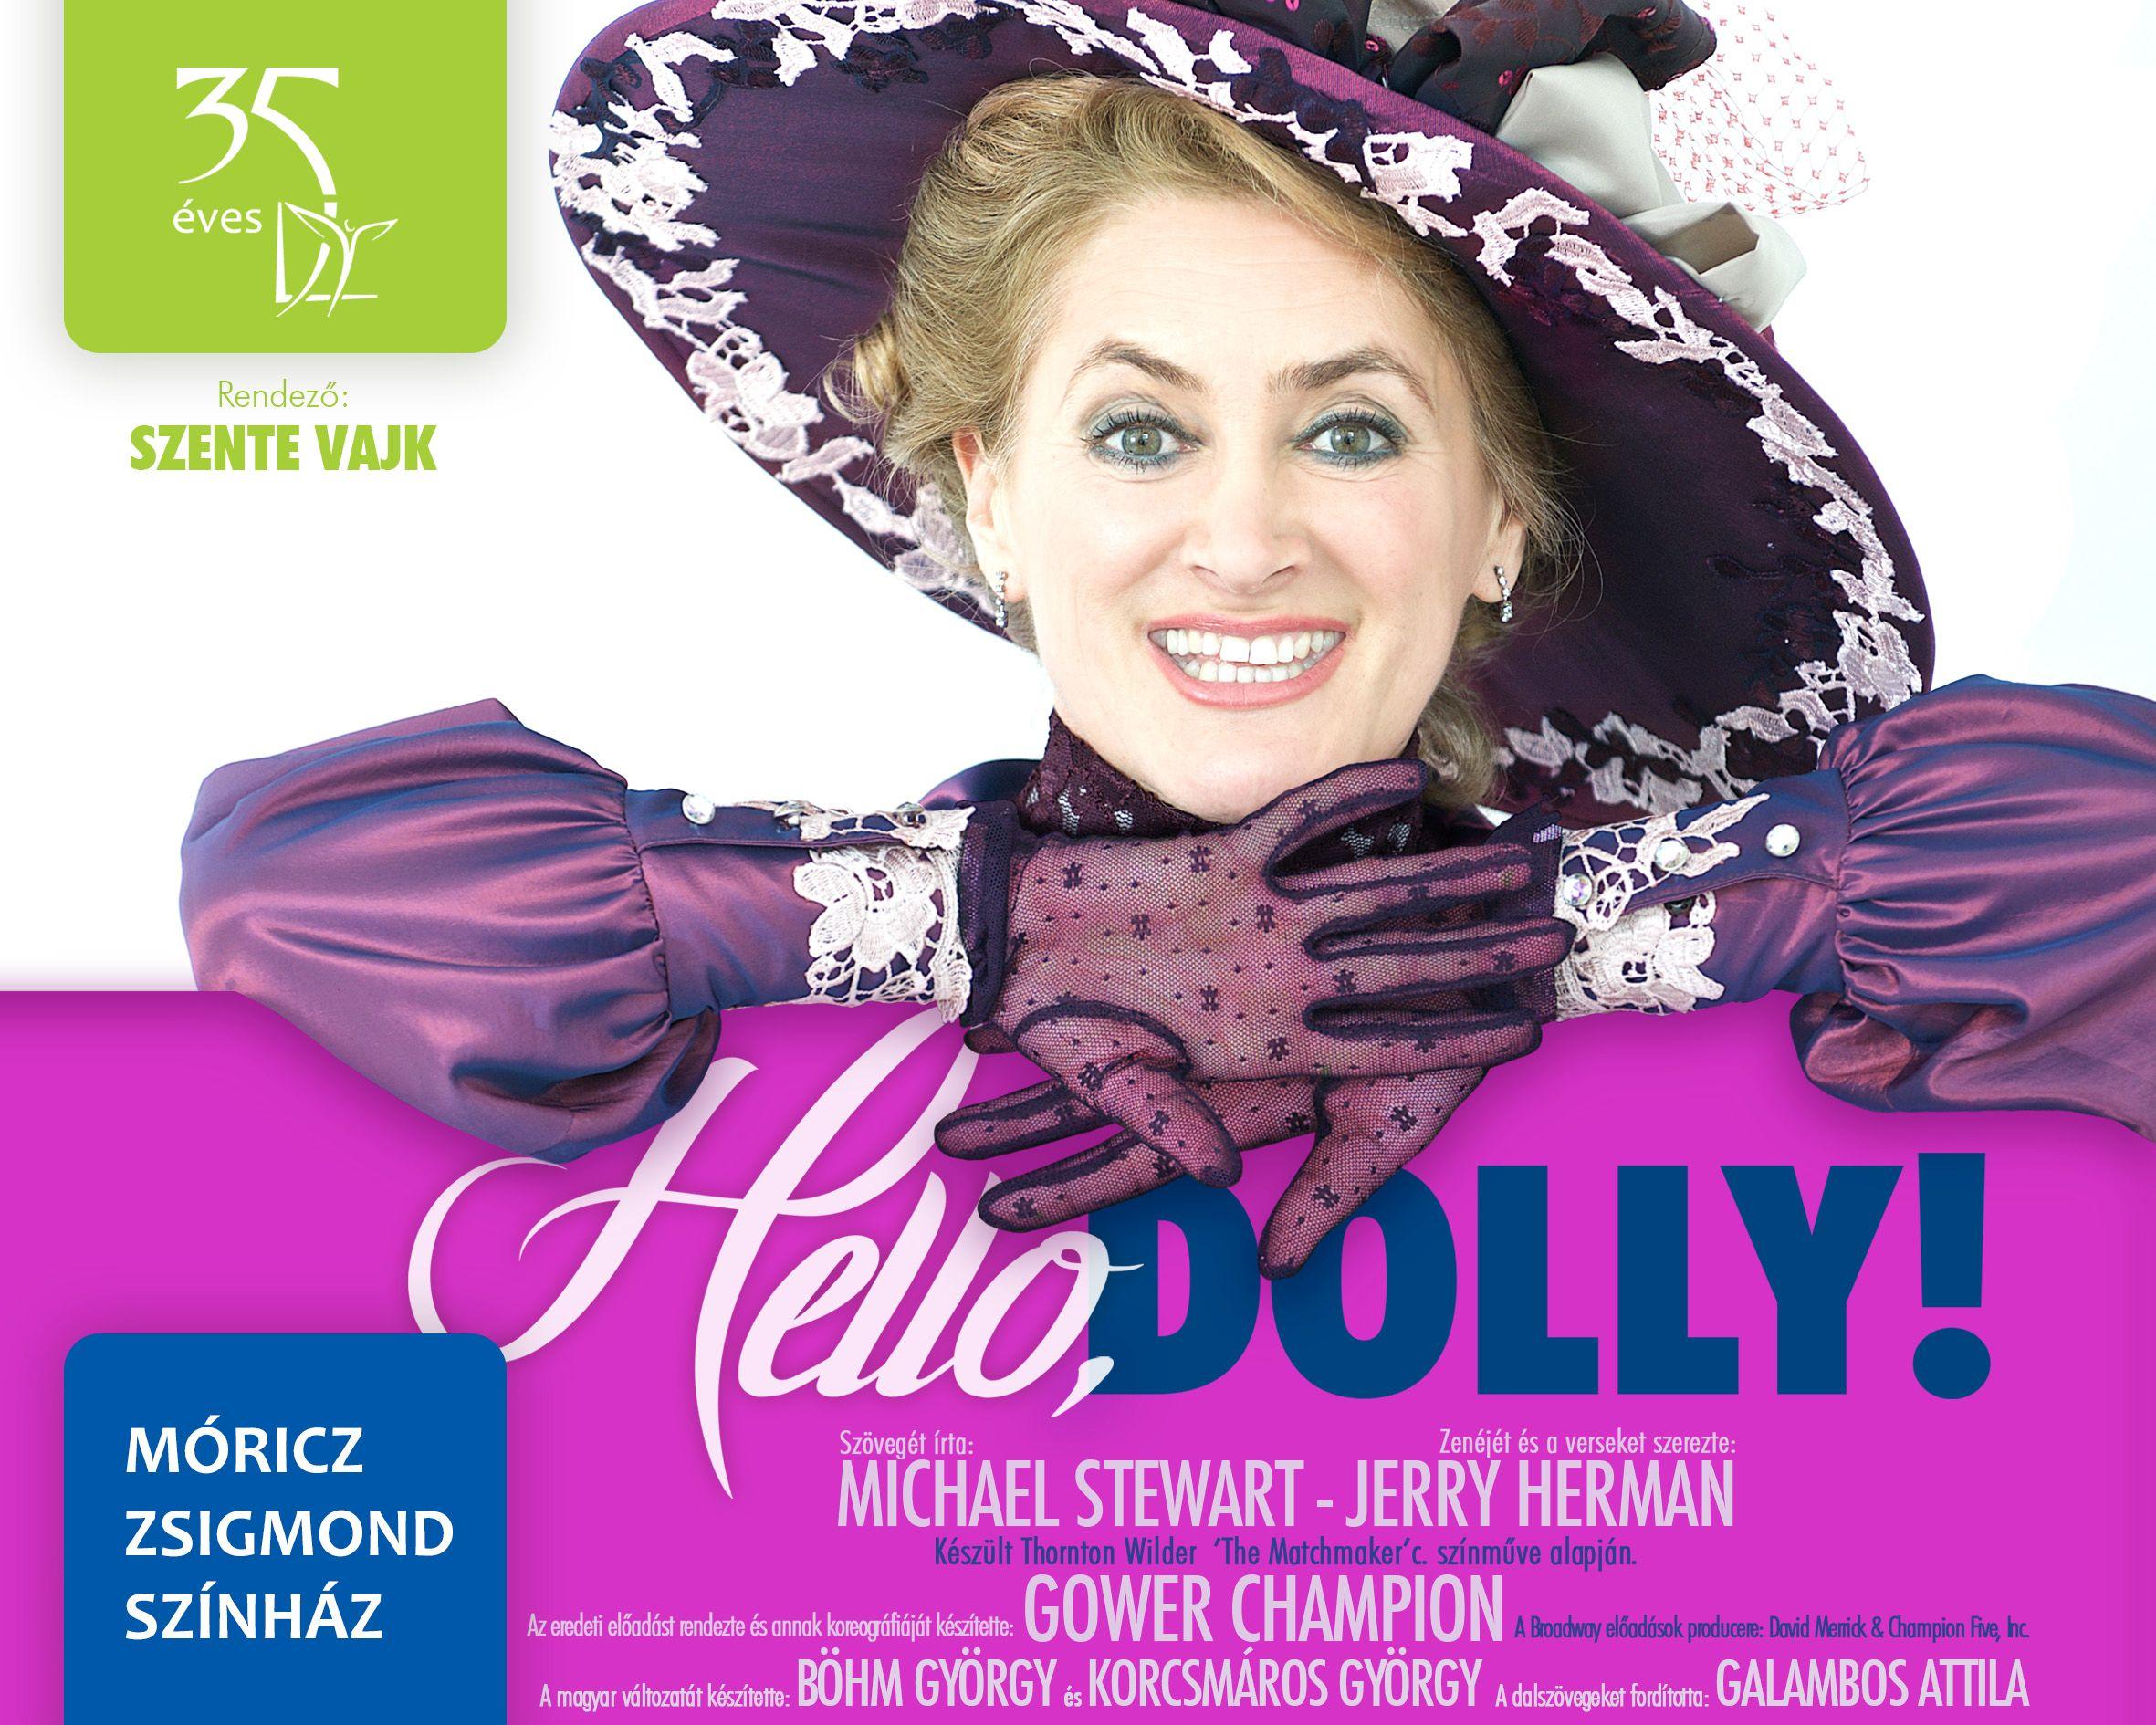 hello dolly Hello dolly es un episodio de la serie happy tree friends de internet, el vigésimo primero de la segunda temporada, y el quincuagésimo segundo en total.